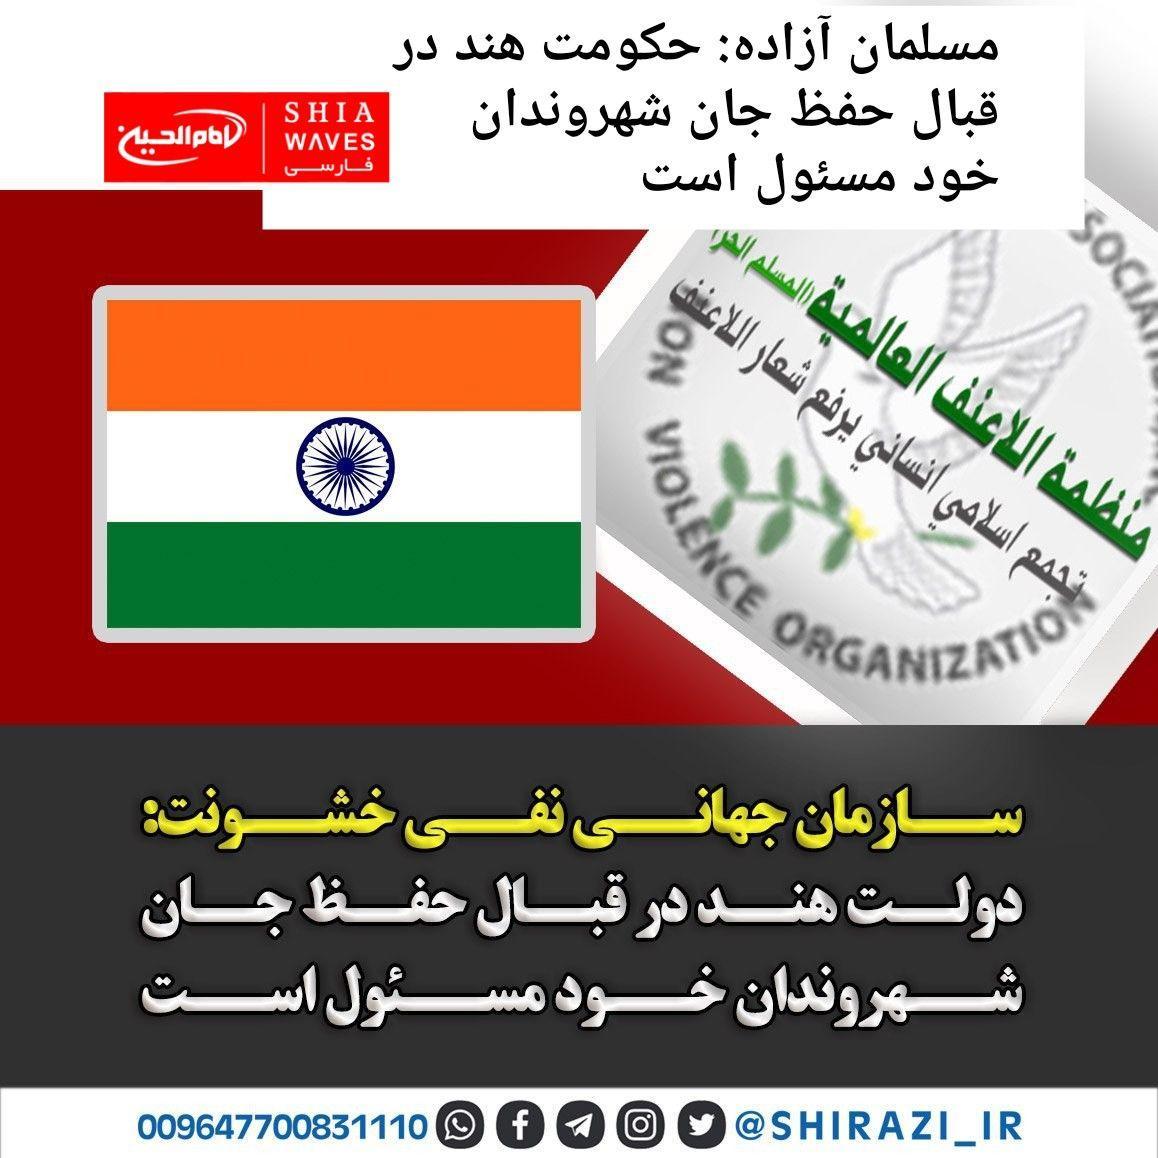 تصویر مسلمان آزاده: حکومت هند در قبال حفظ جان شهروندان خود مسئول است